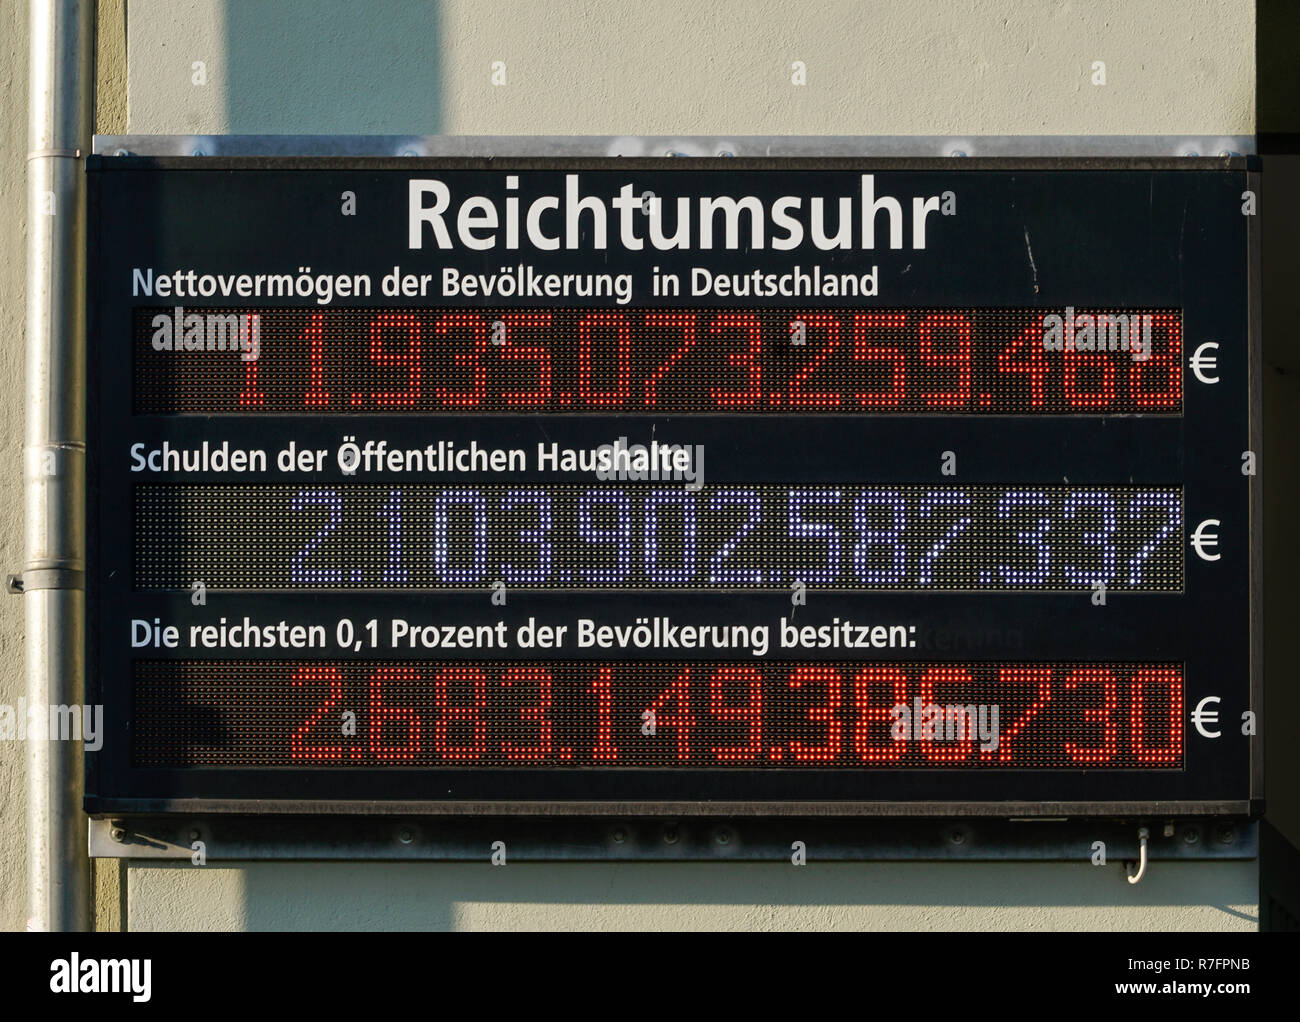 Reichtumsuhr für Deutschland, Nettovermoegen, Schulden oeffentliche Haushalte, Reichtum, Armut, Berlin, Deutschland, - Stock Image